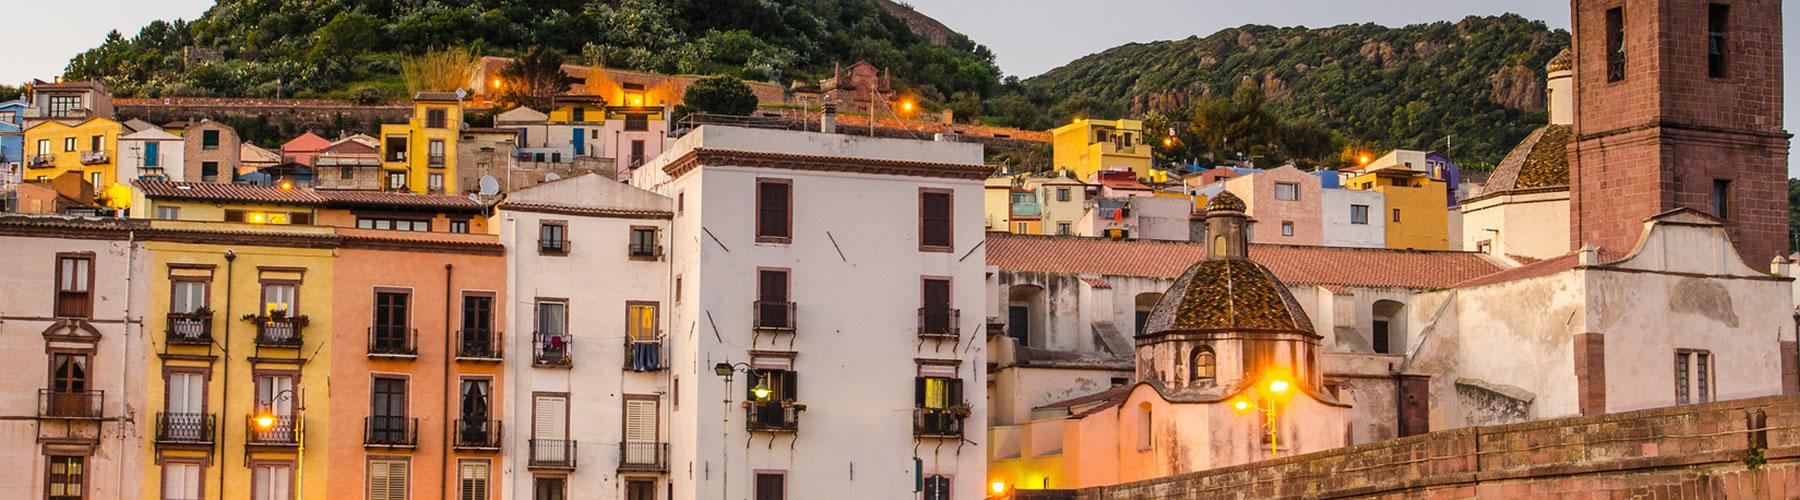 Apartments Corte Fiorita Albergo Diffuso